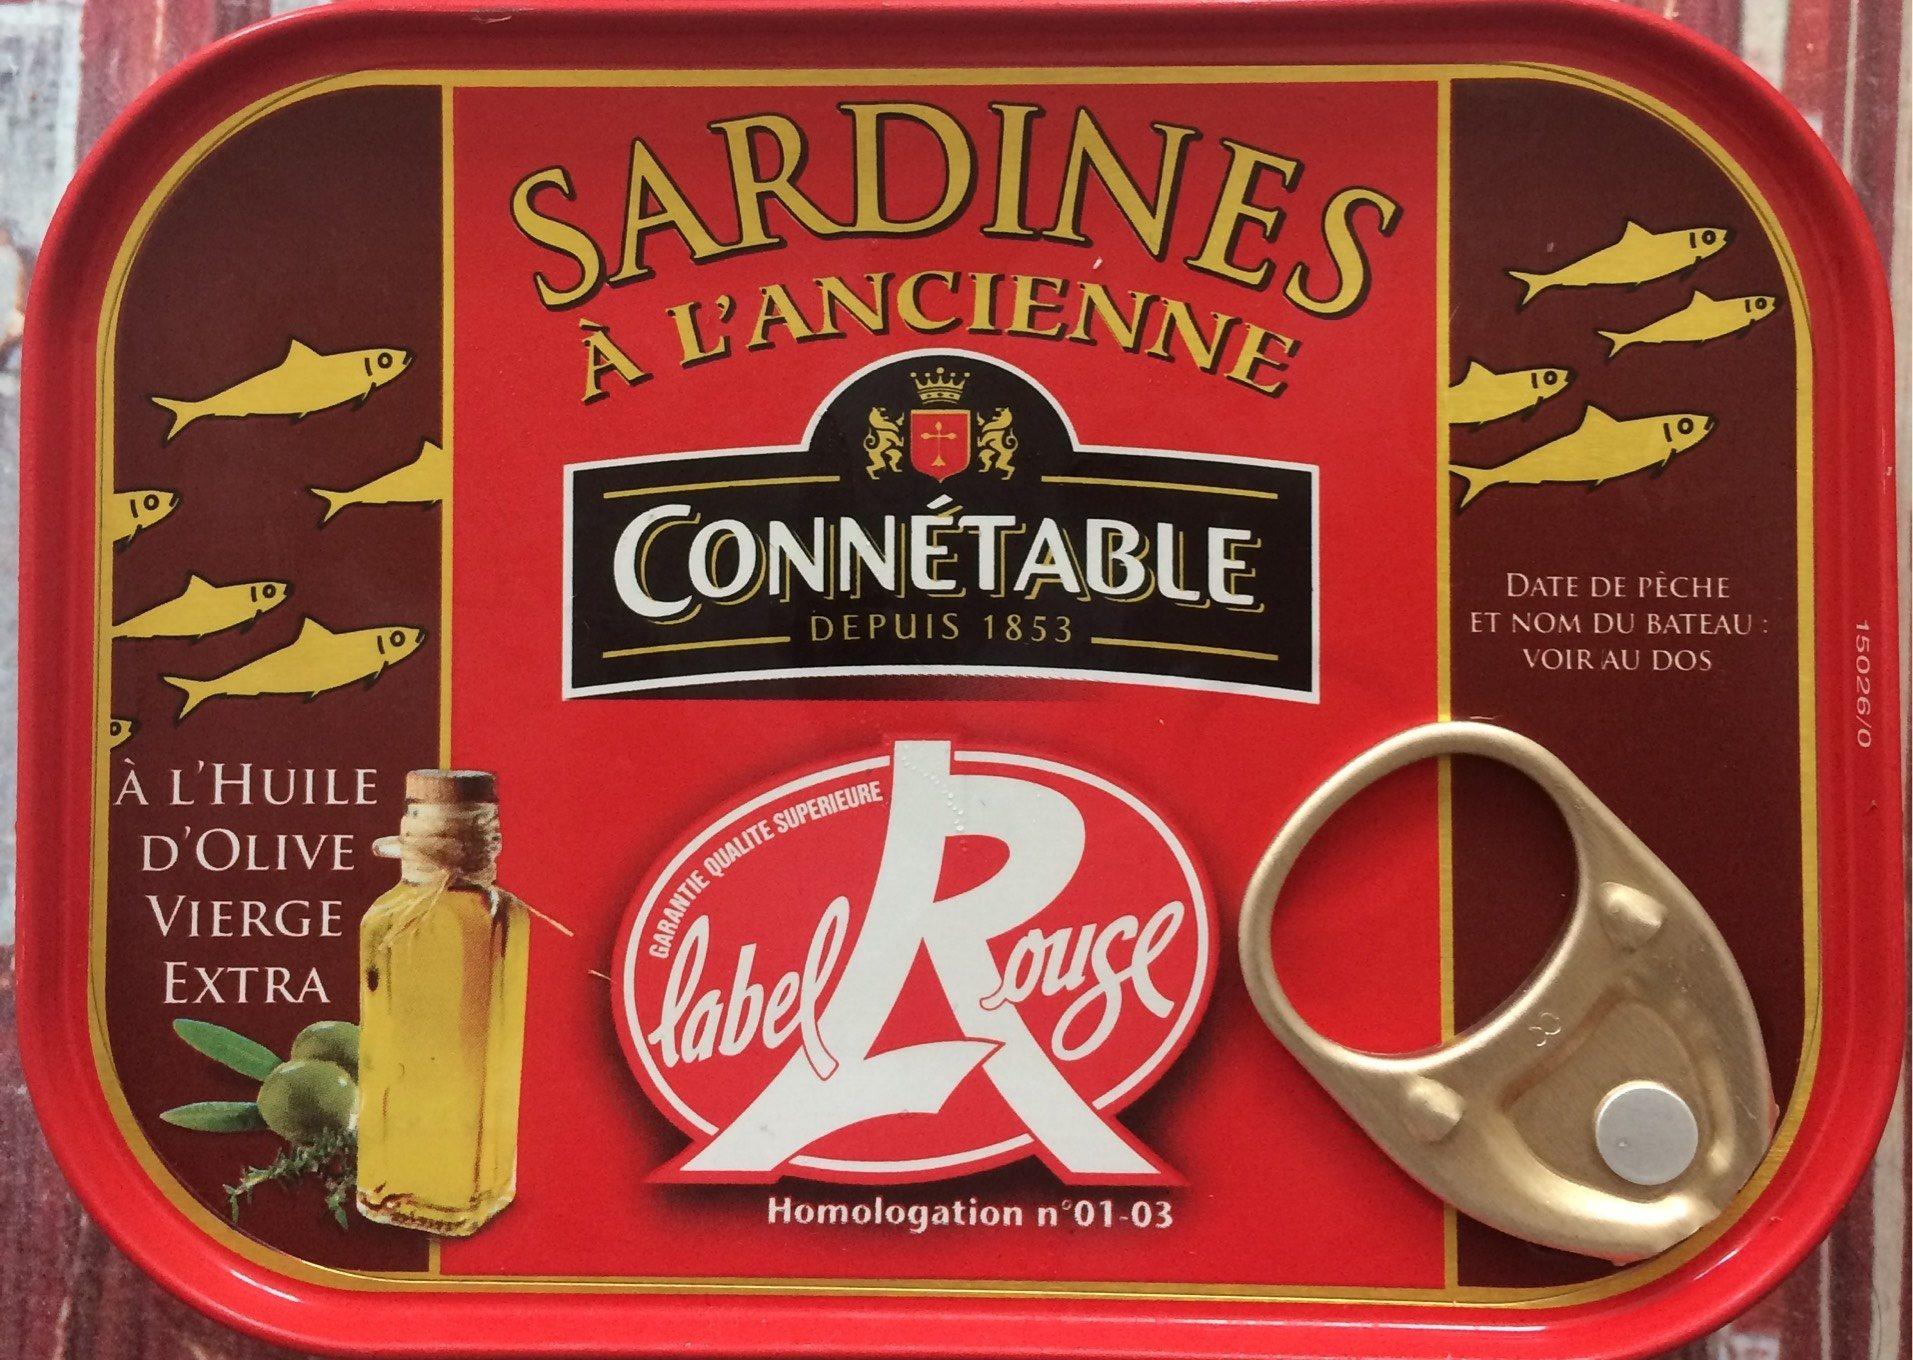 Sardines à l'Ancienne Label rouge - Product